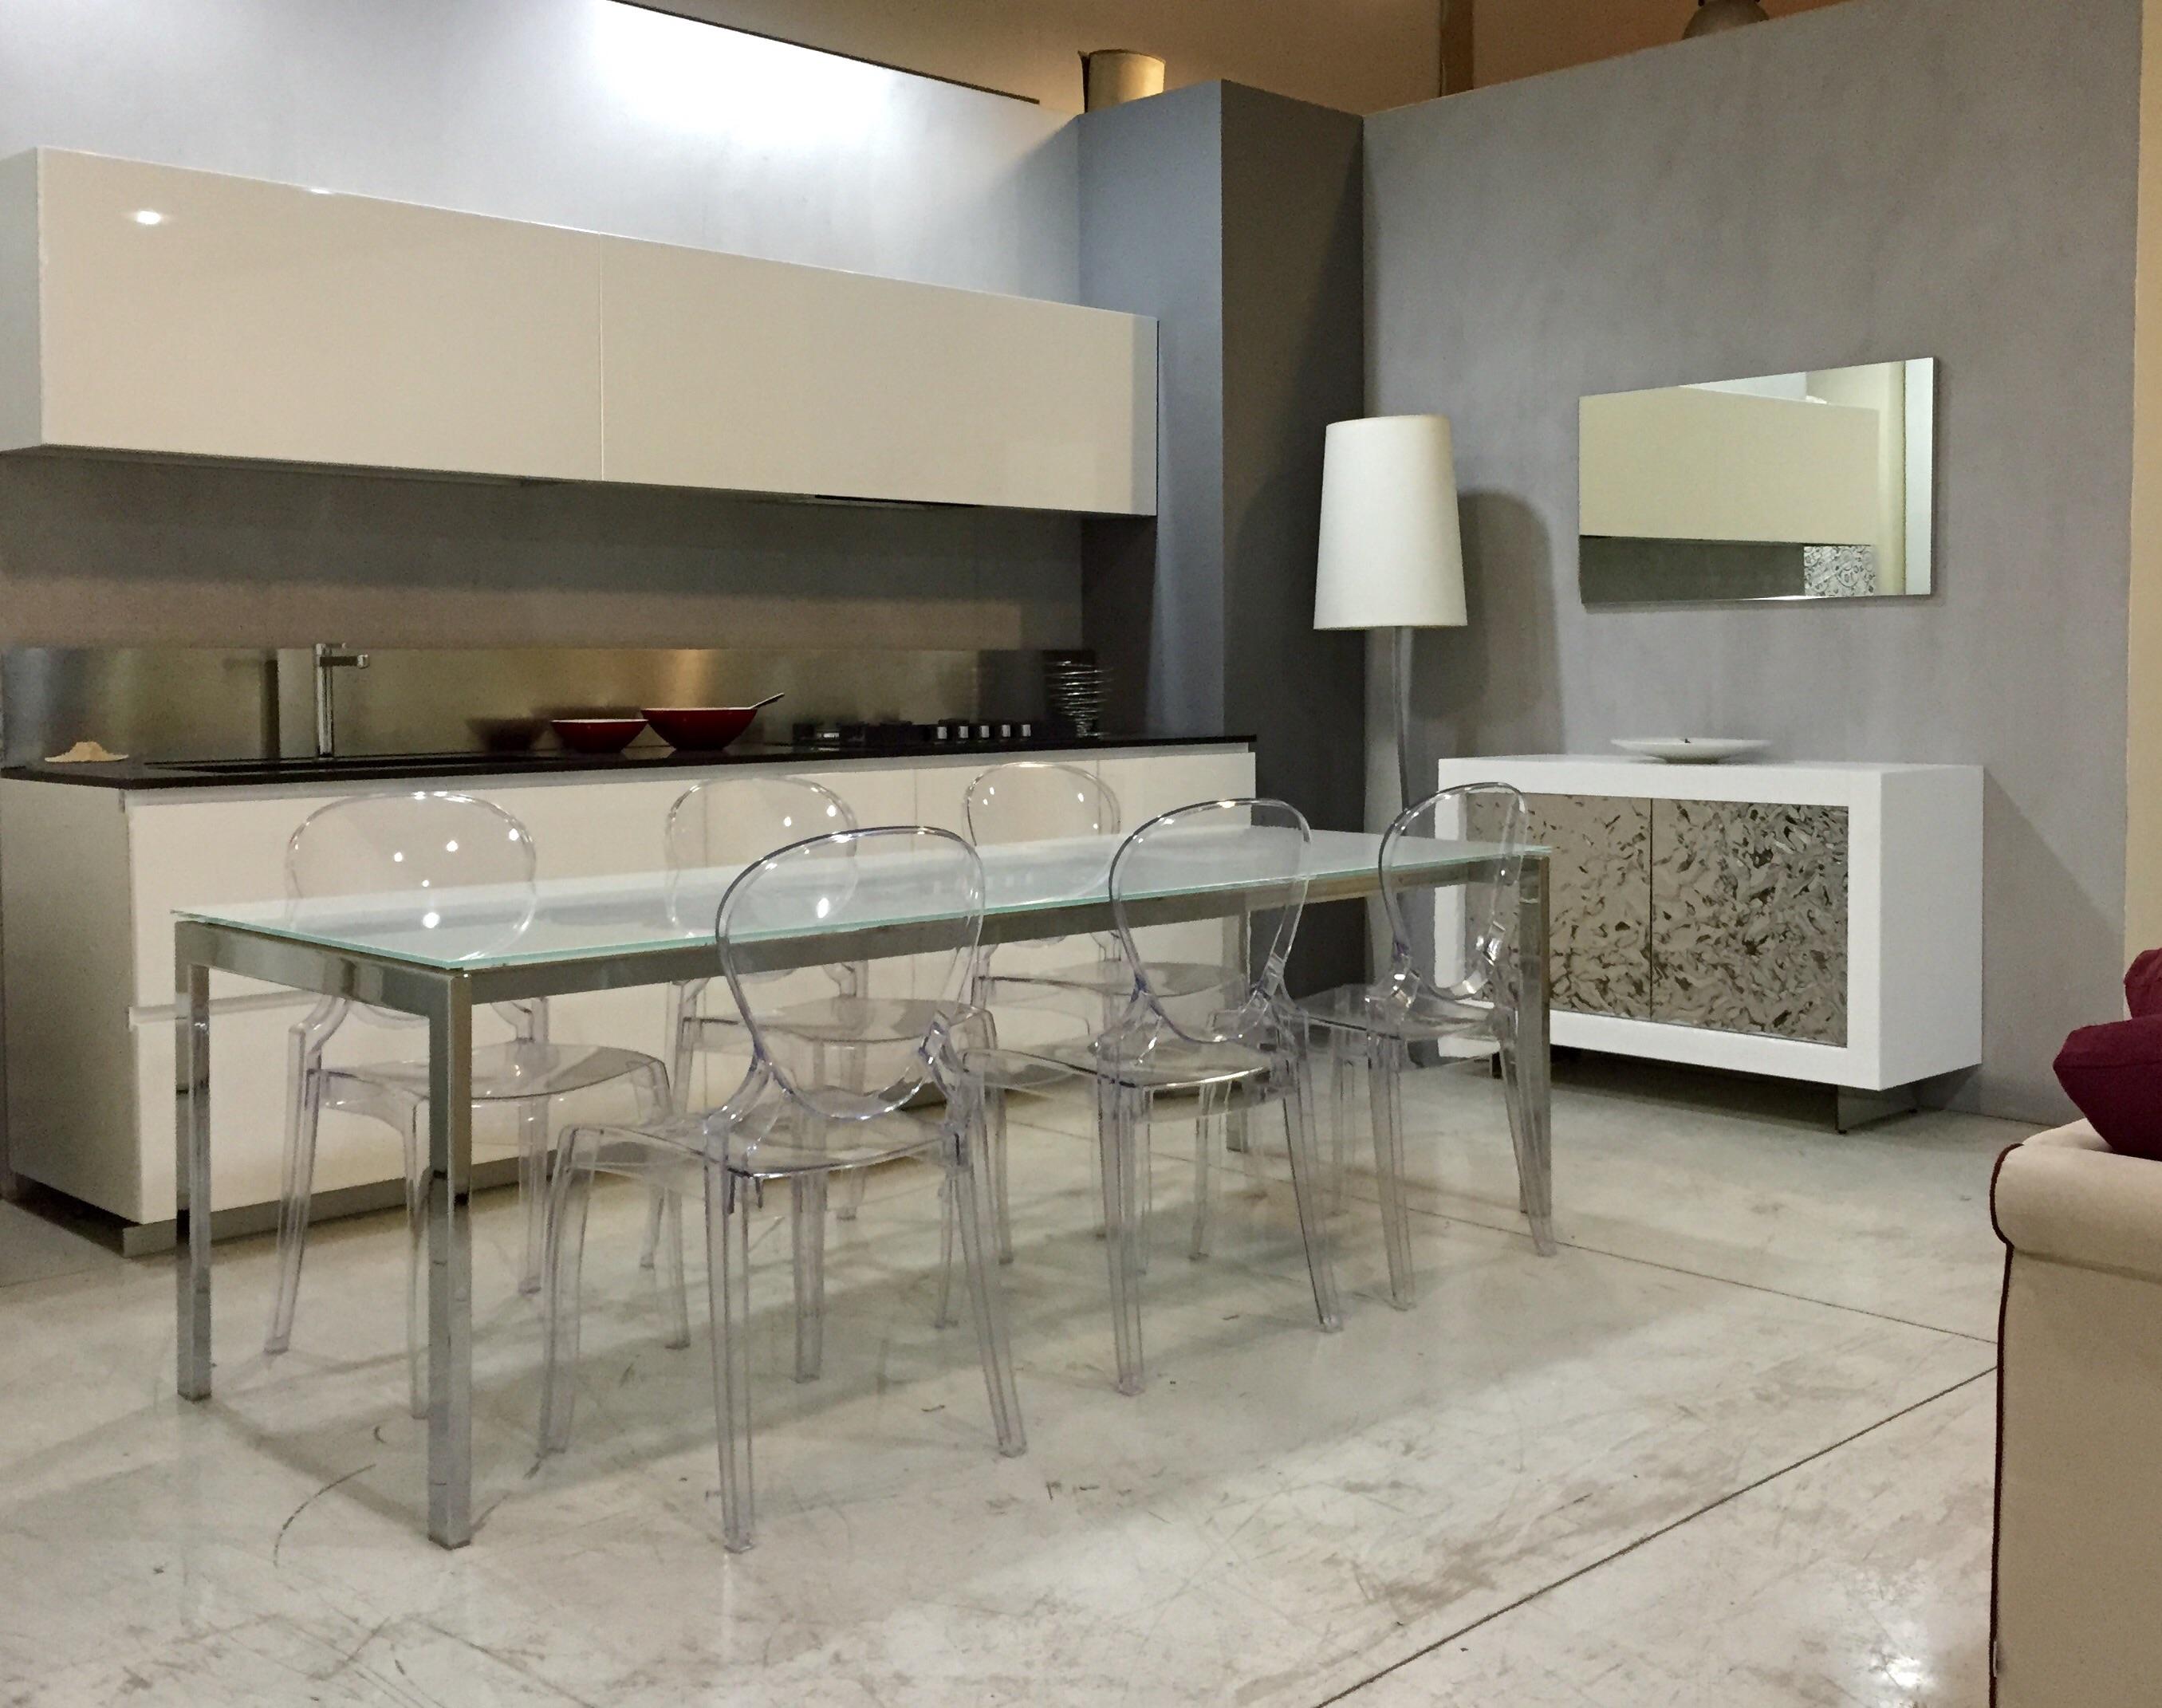 Bontempi casa tavolo keyo scontato del 60 tavoli a - Cucine modulnova prezzi ...